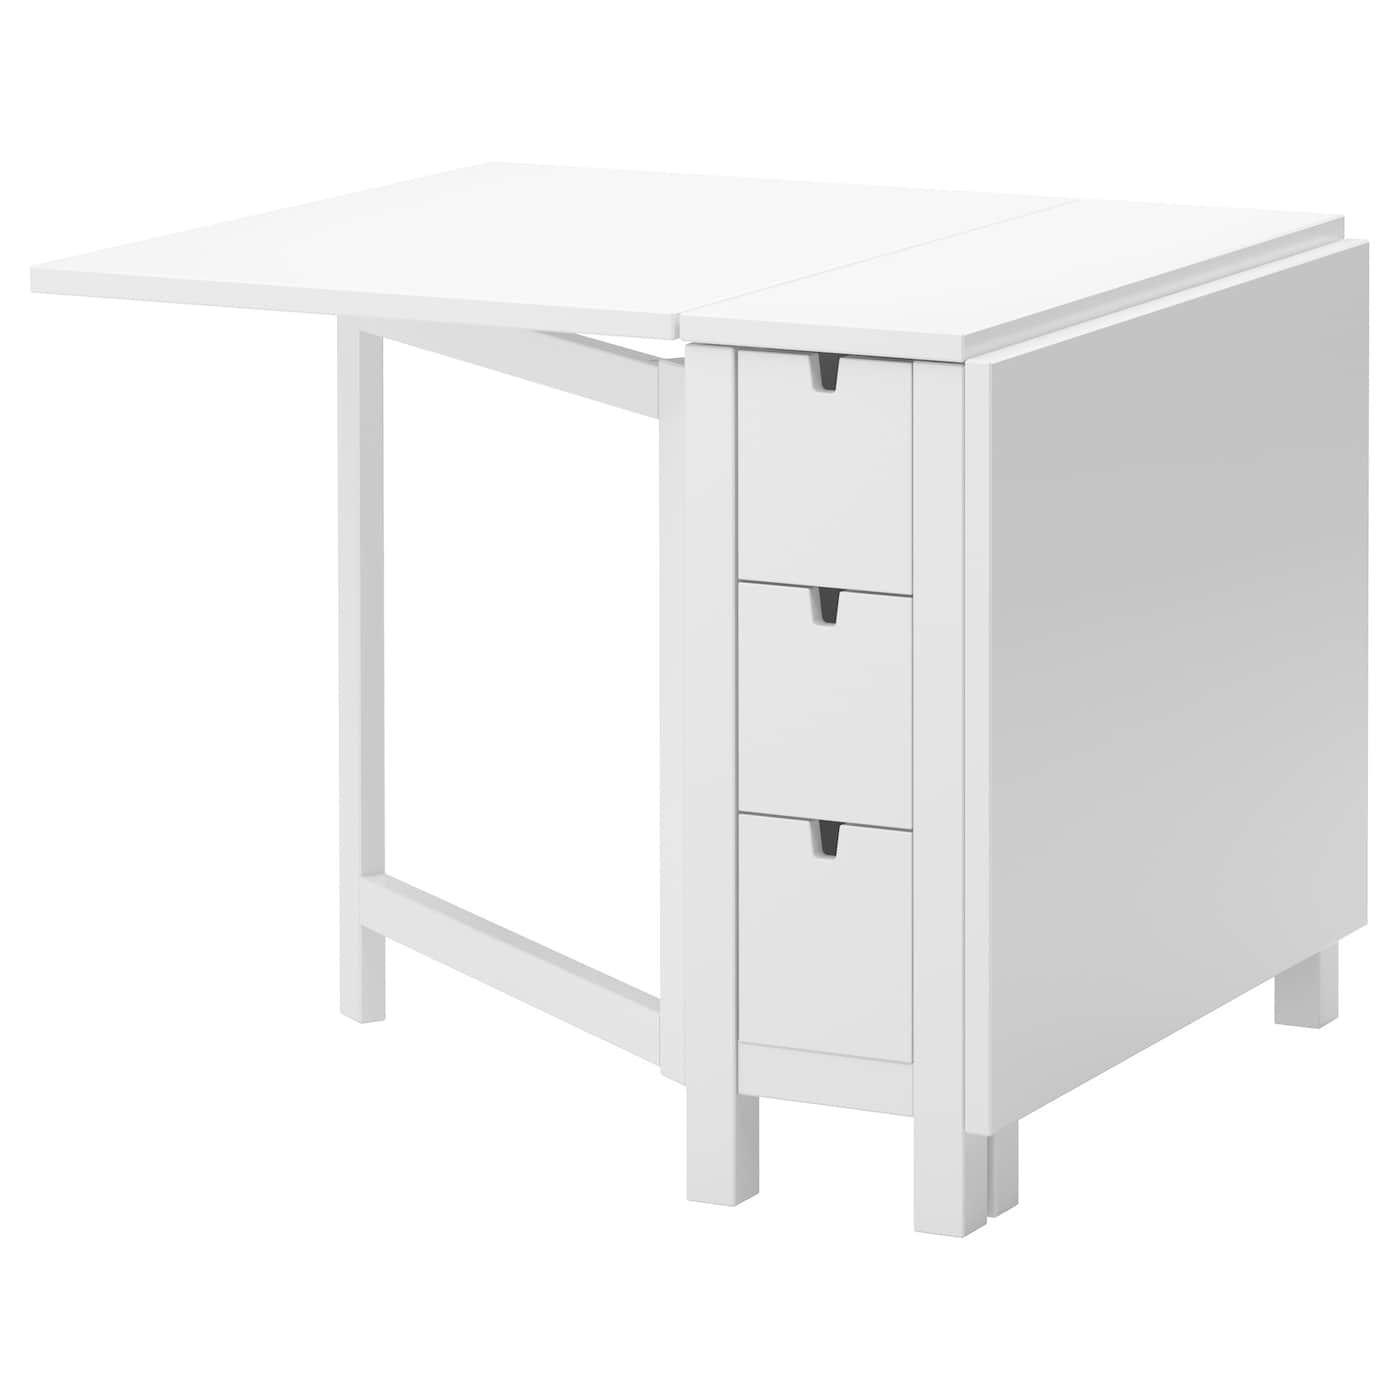 NORDEN Klapptisch - weiß - IKEA Deutschland (mit Bildern